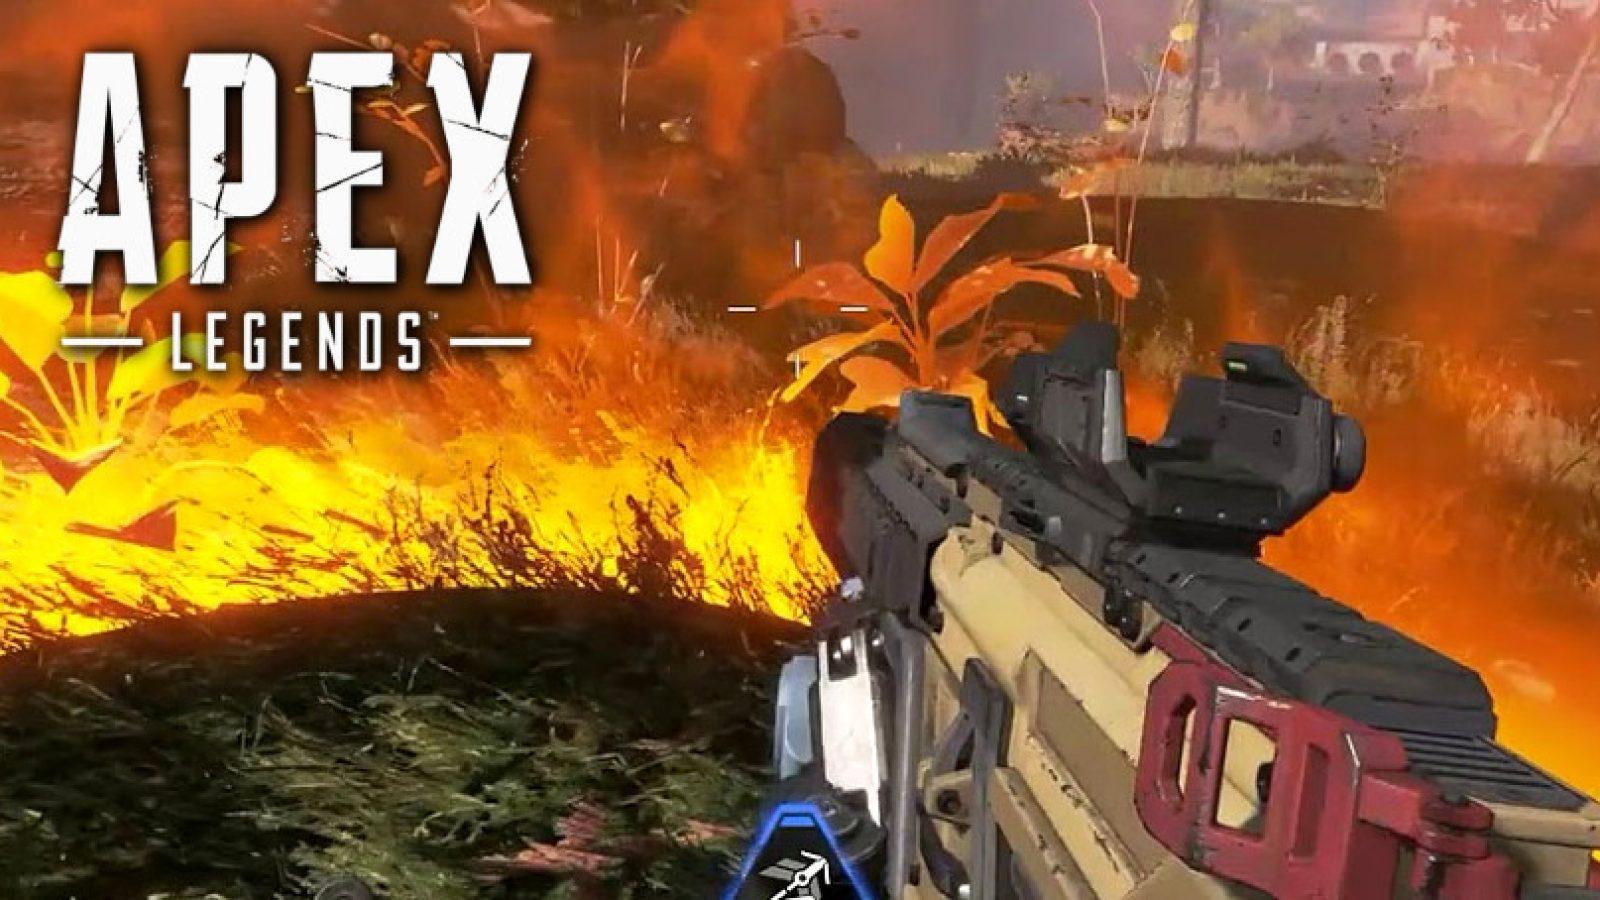 Apex Legends: Tăng tính sát thương vòng bo, nhận skin hiếm từ sự kiện mới - Hình 3